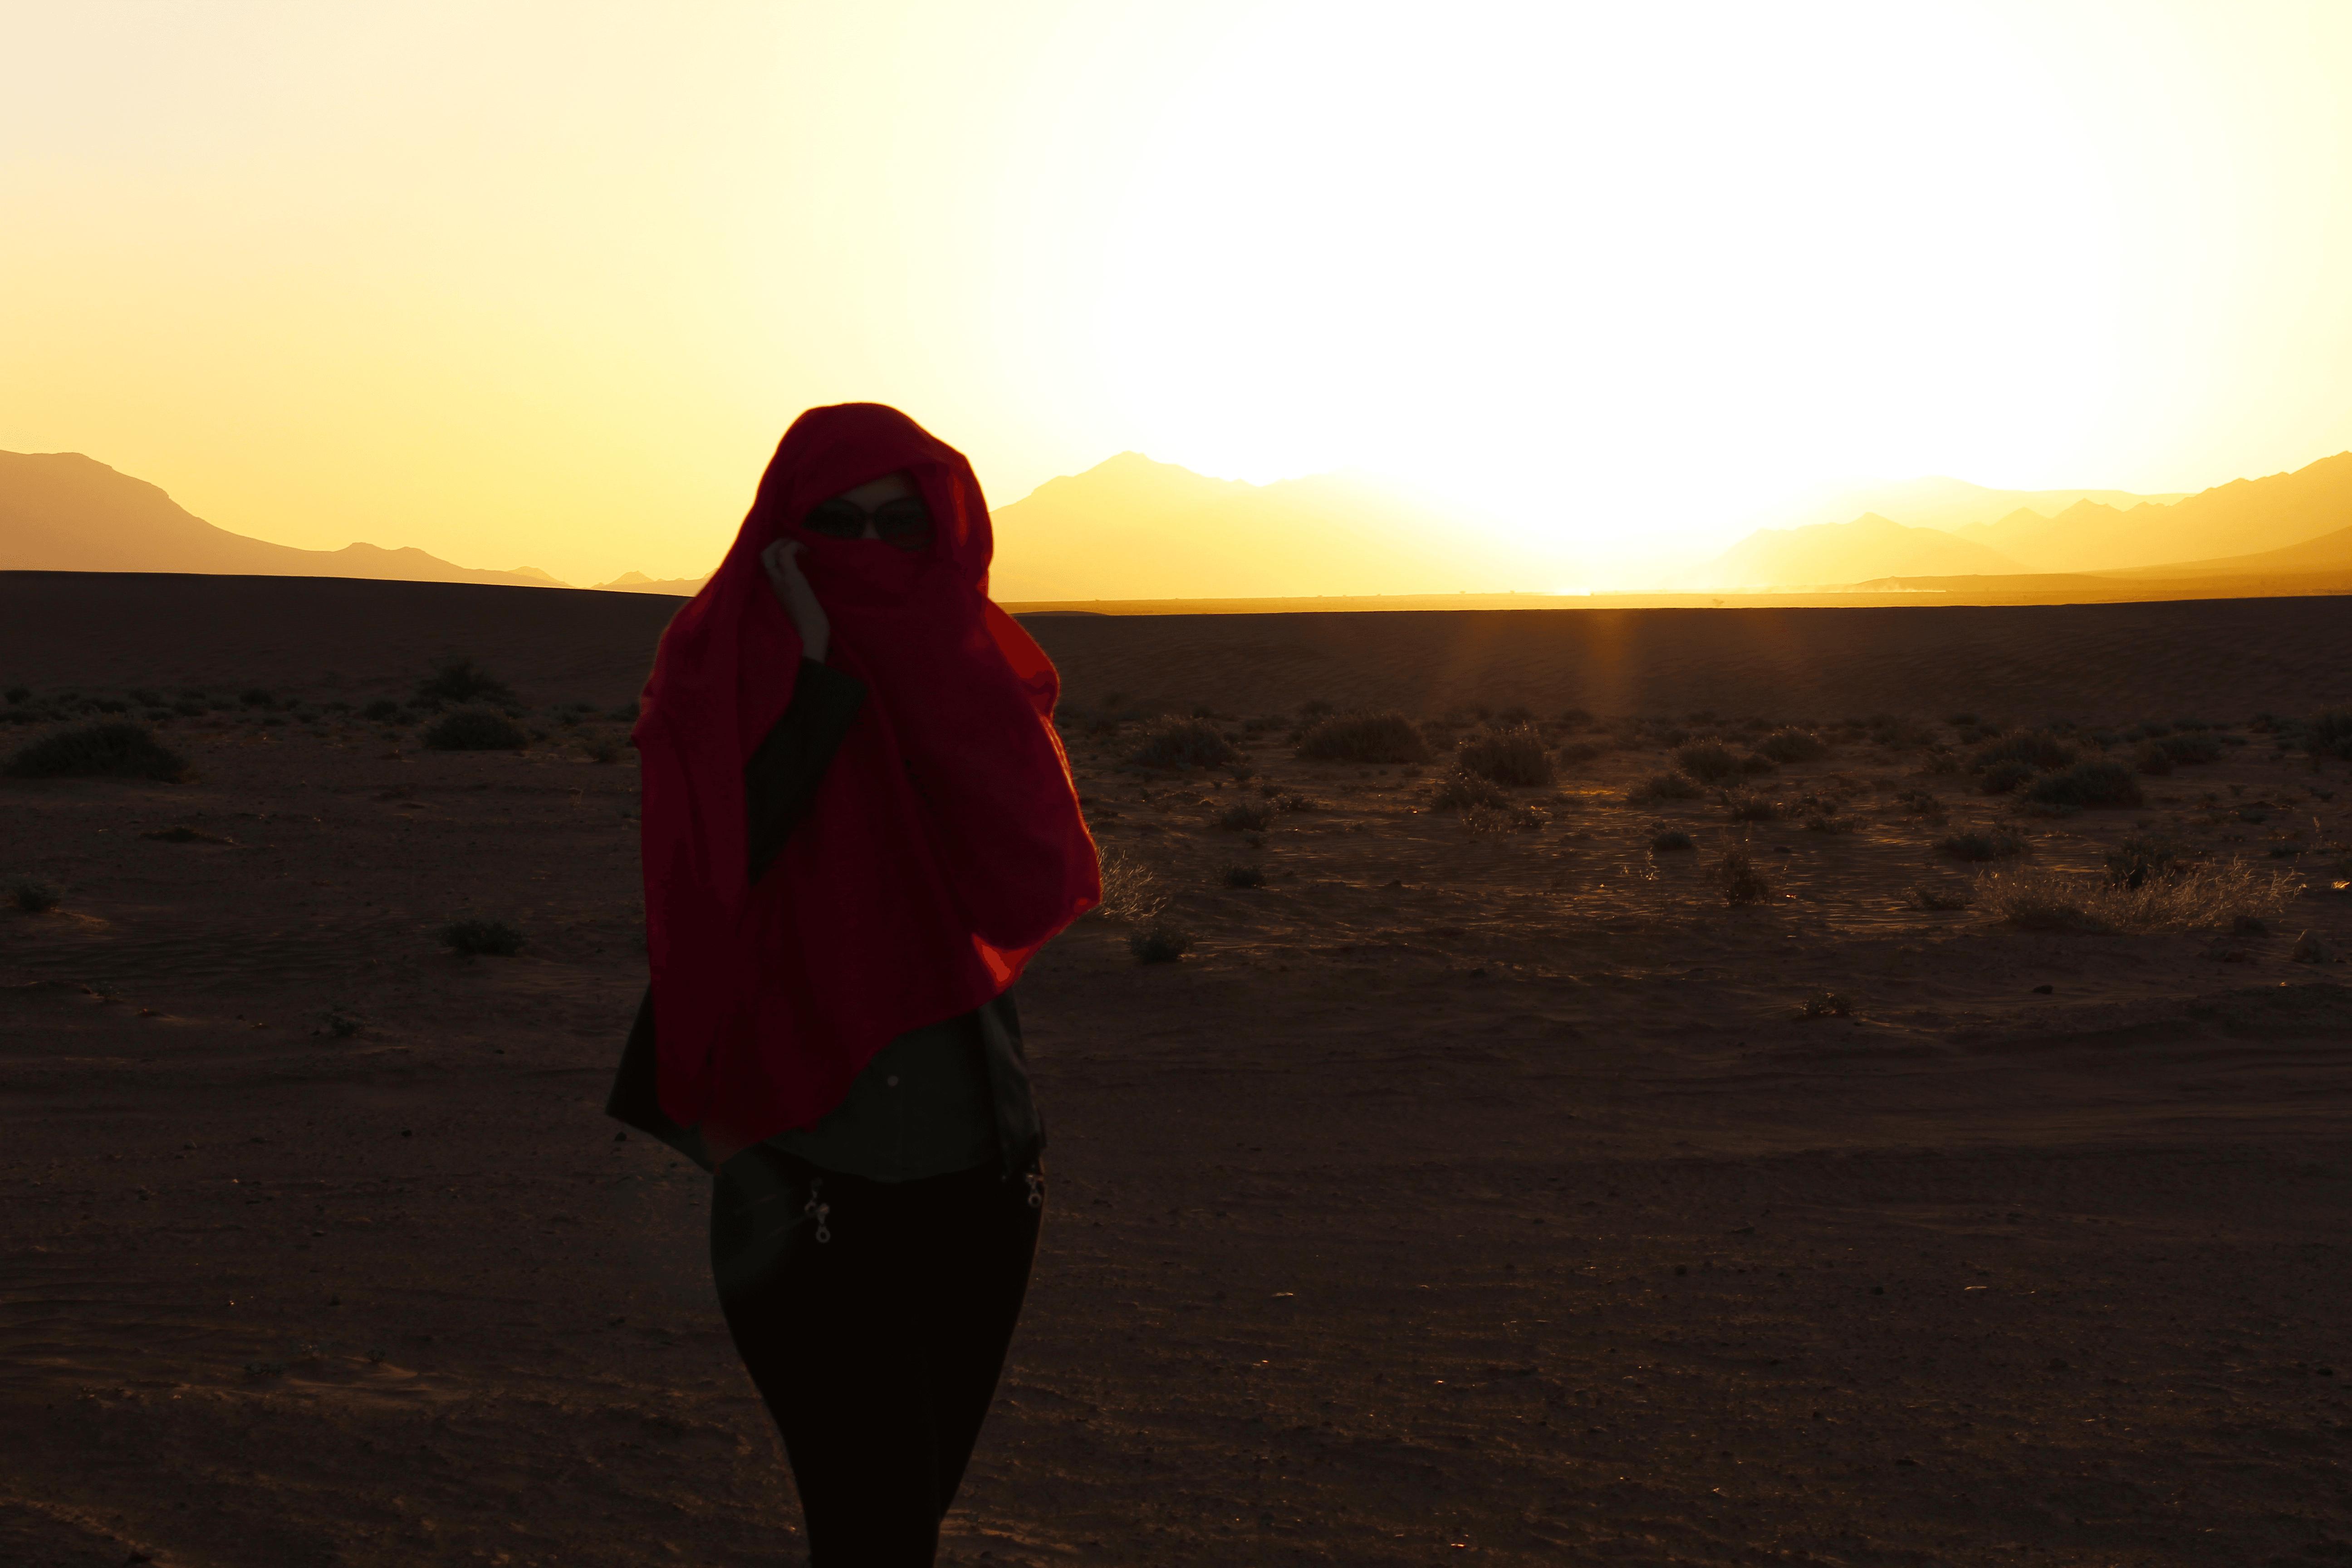 nao-e-caro-viajar-7-lugares-para-se-conhecer-na-africa- (1).png